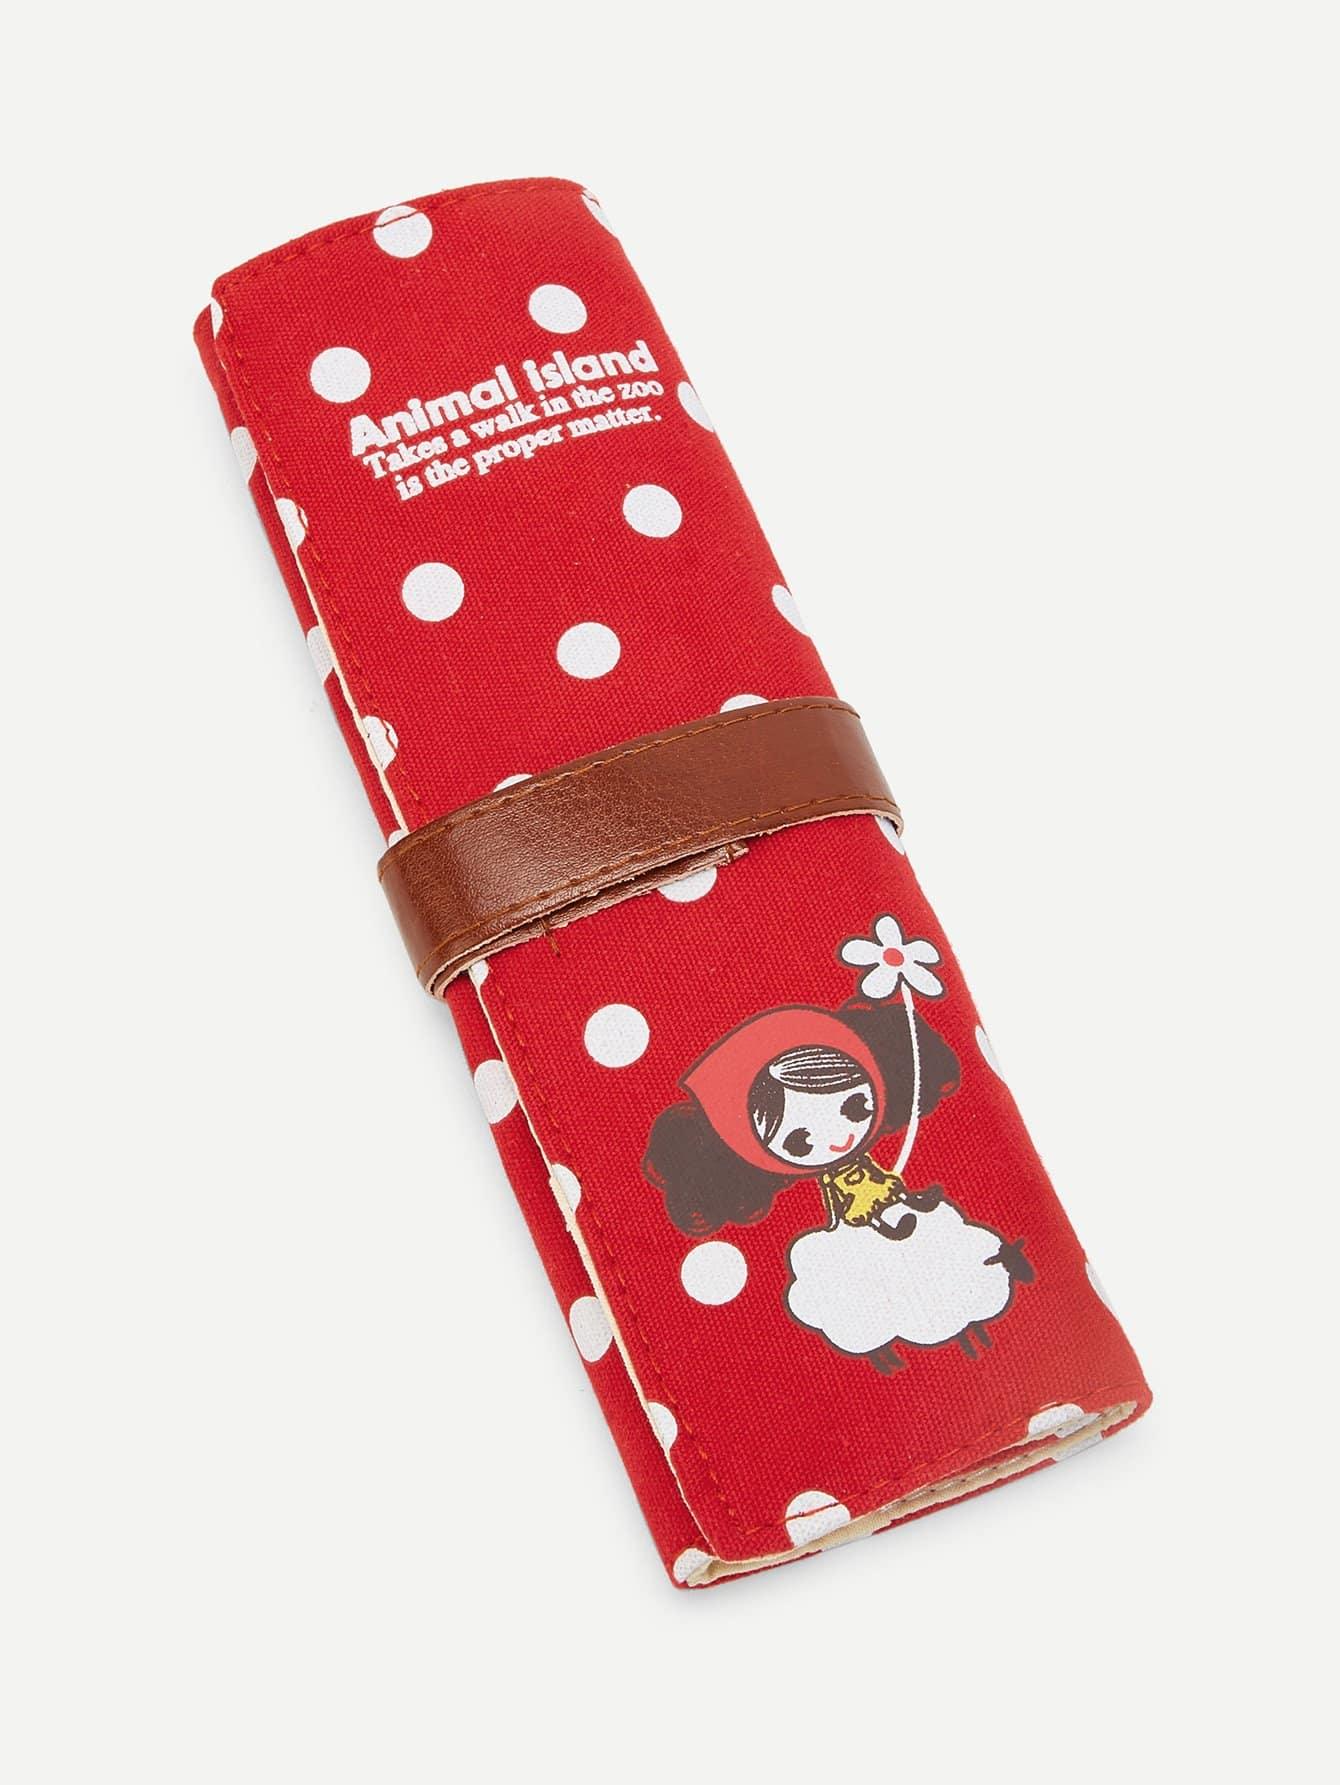 Polka Dot Wrap Pencil Bag striped wrap pencil bag